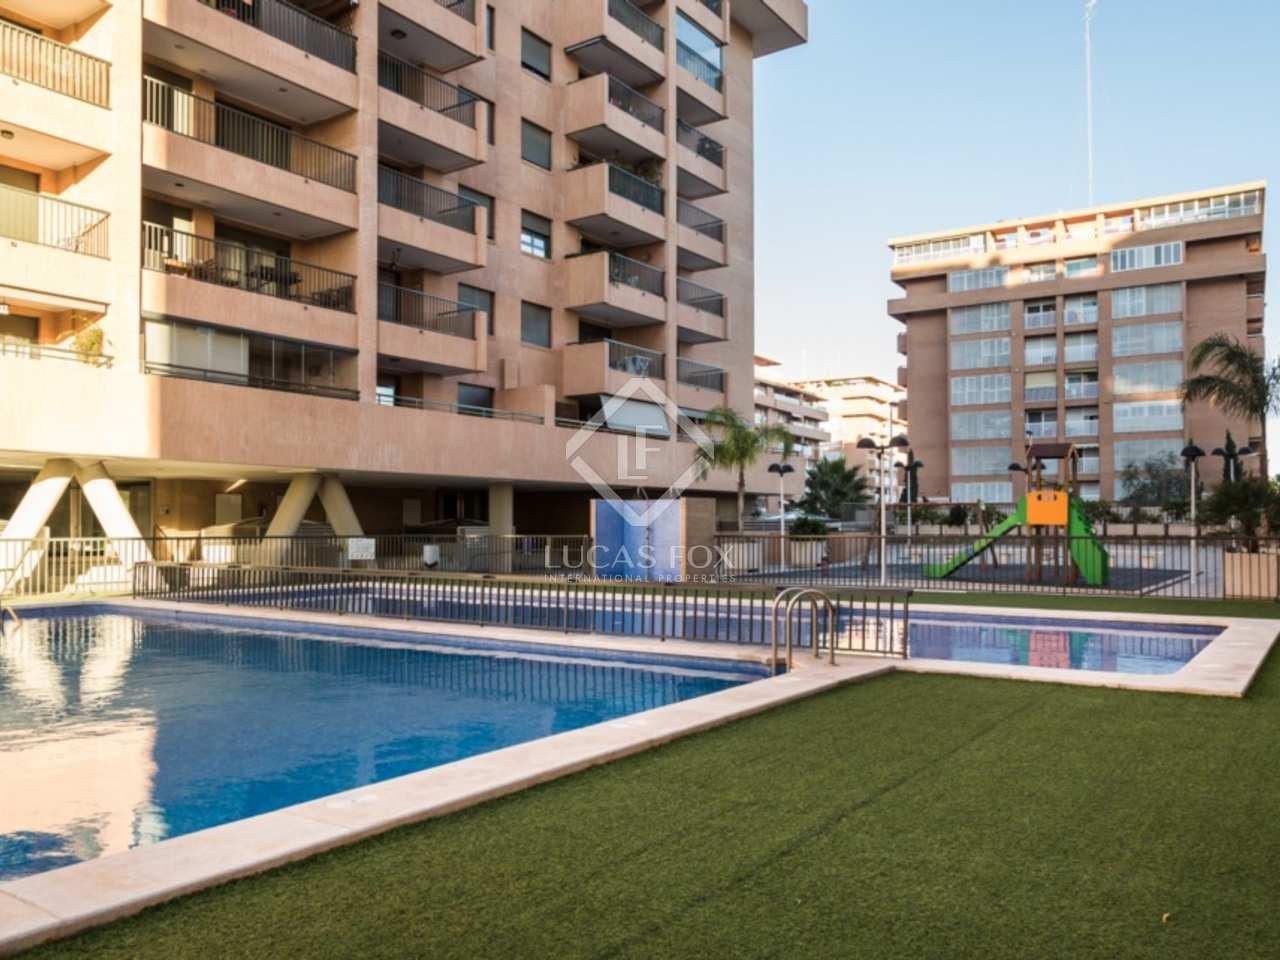 Apartamento con piscina en venta en playa patacona for Piscina patacona